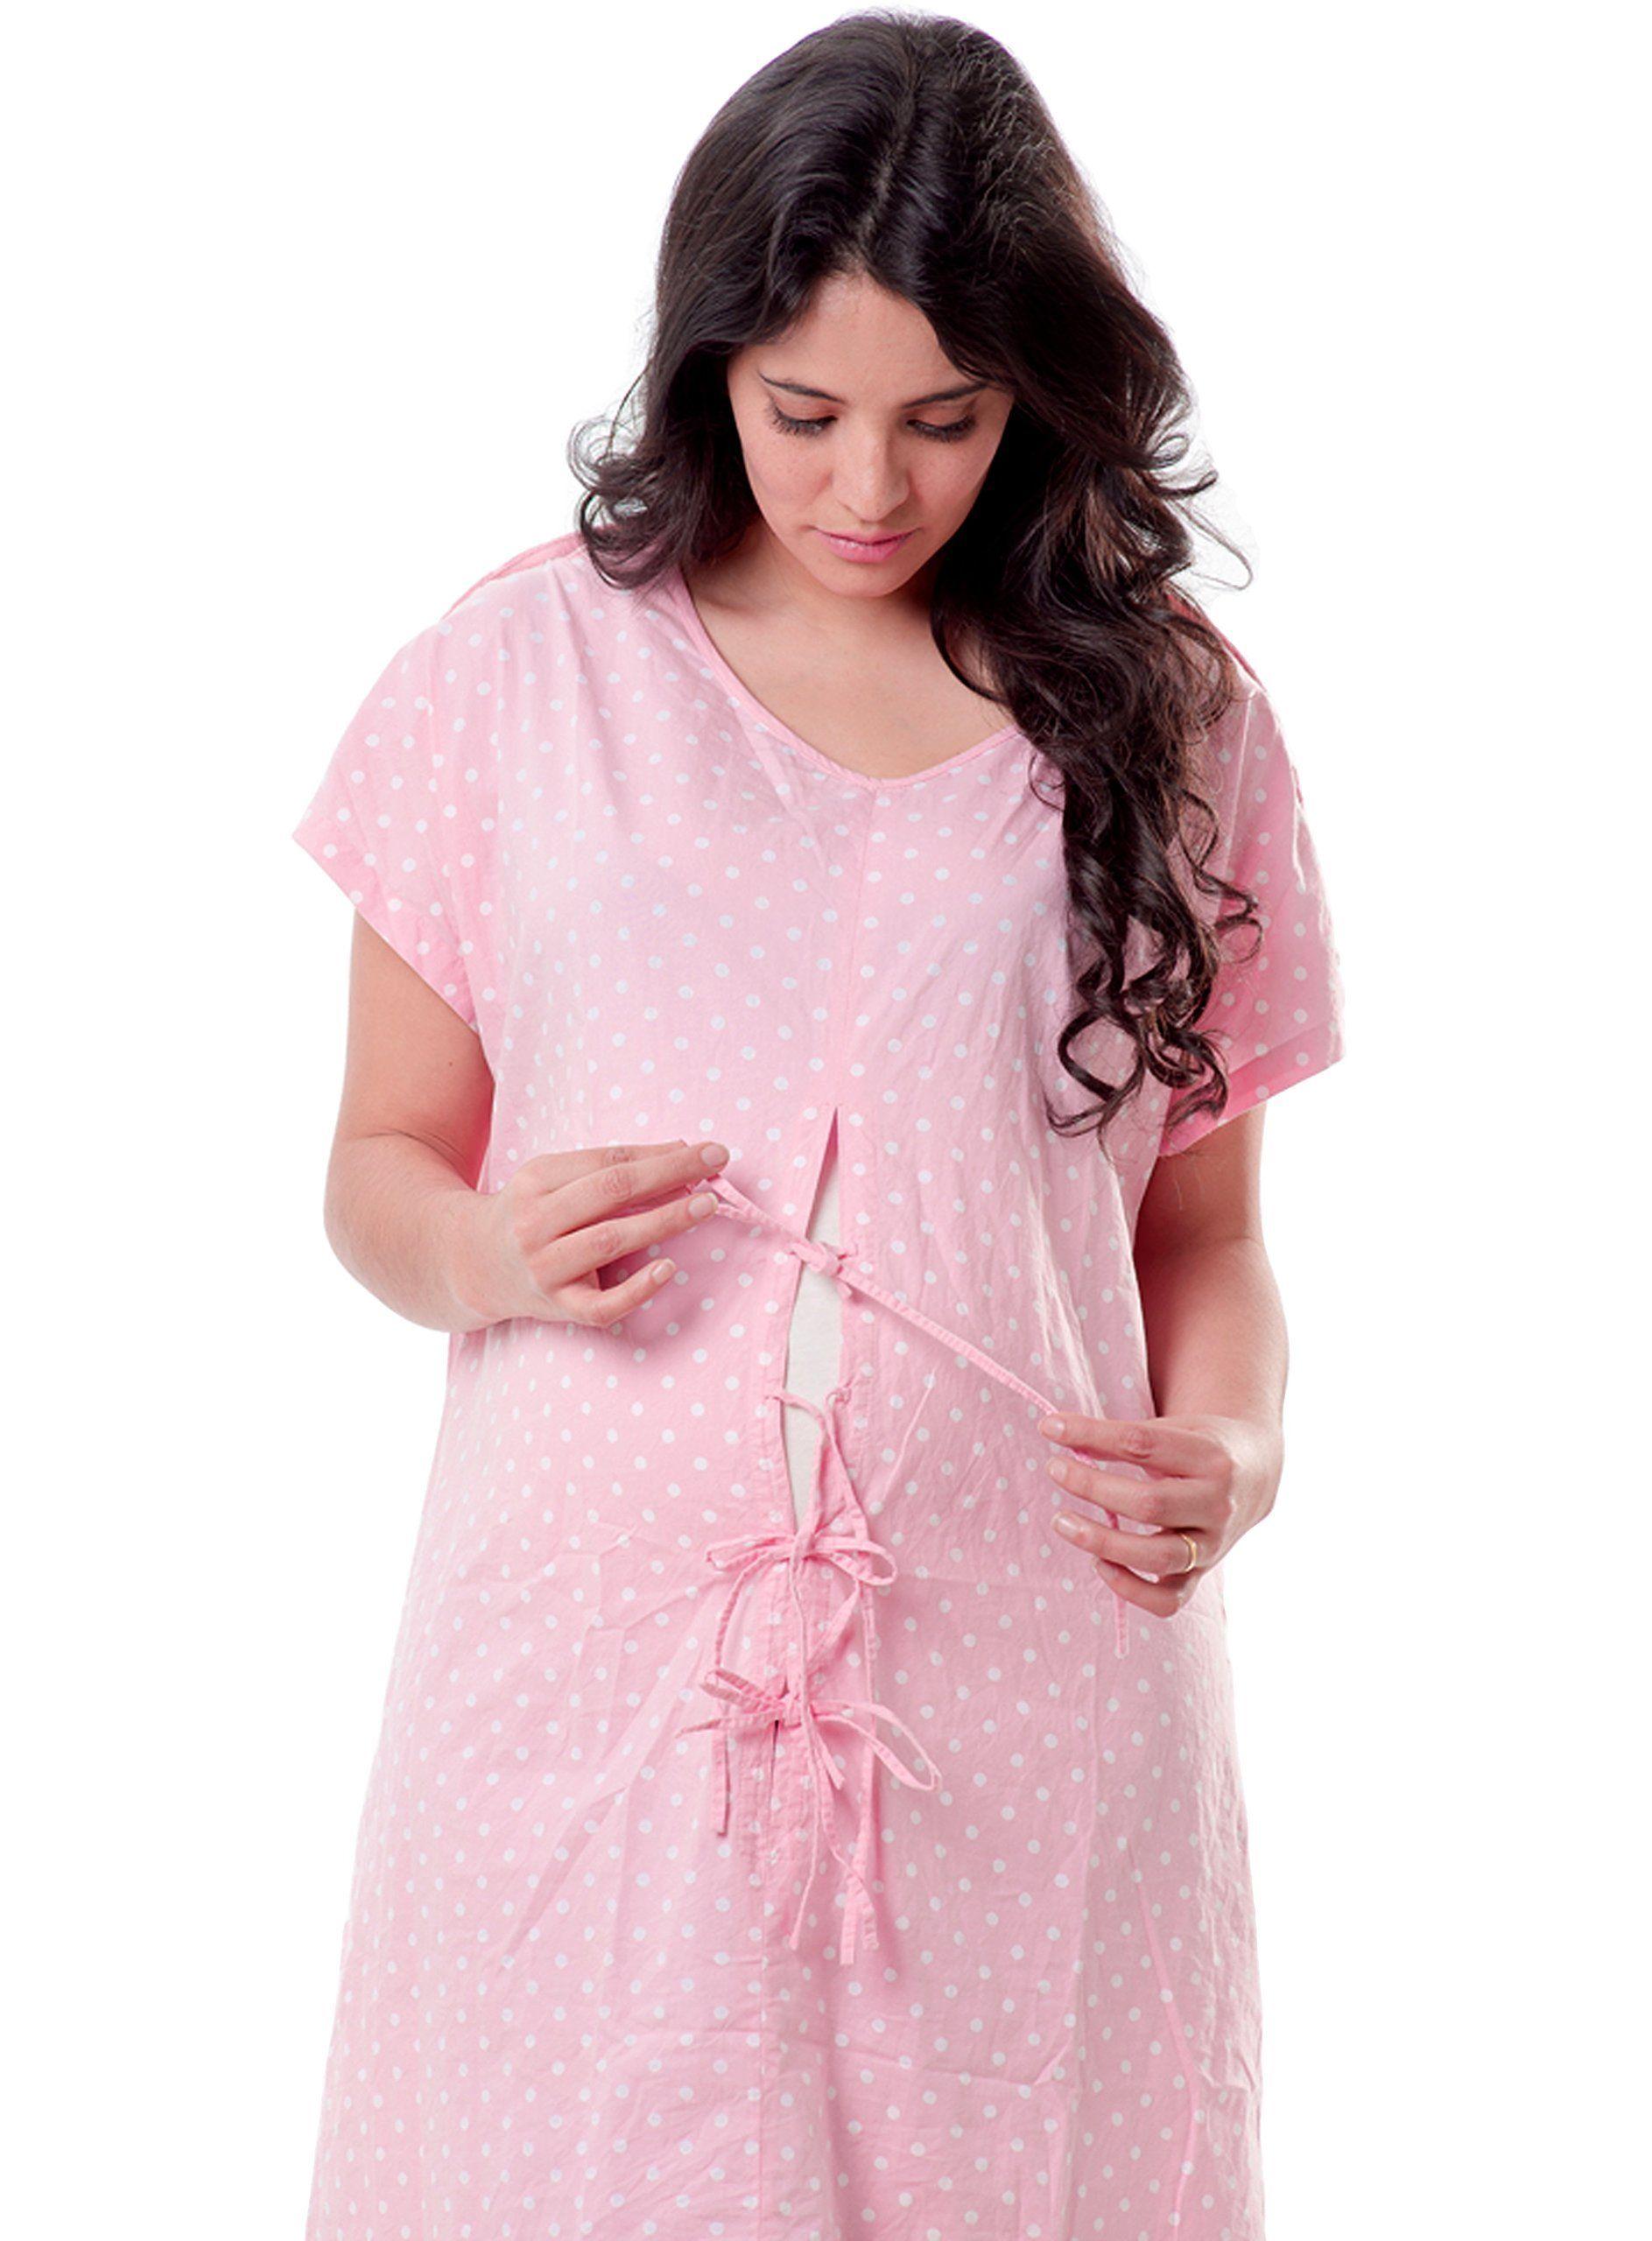 Designer Hospital Delivery Gown: easy epidural, fetal monitoring, IV ...